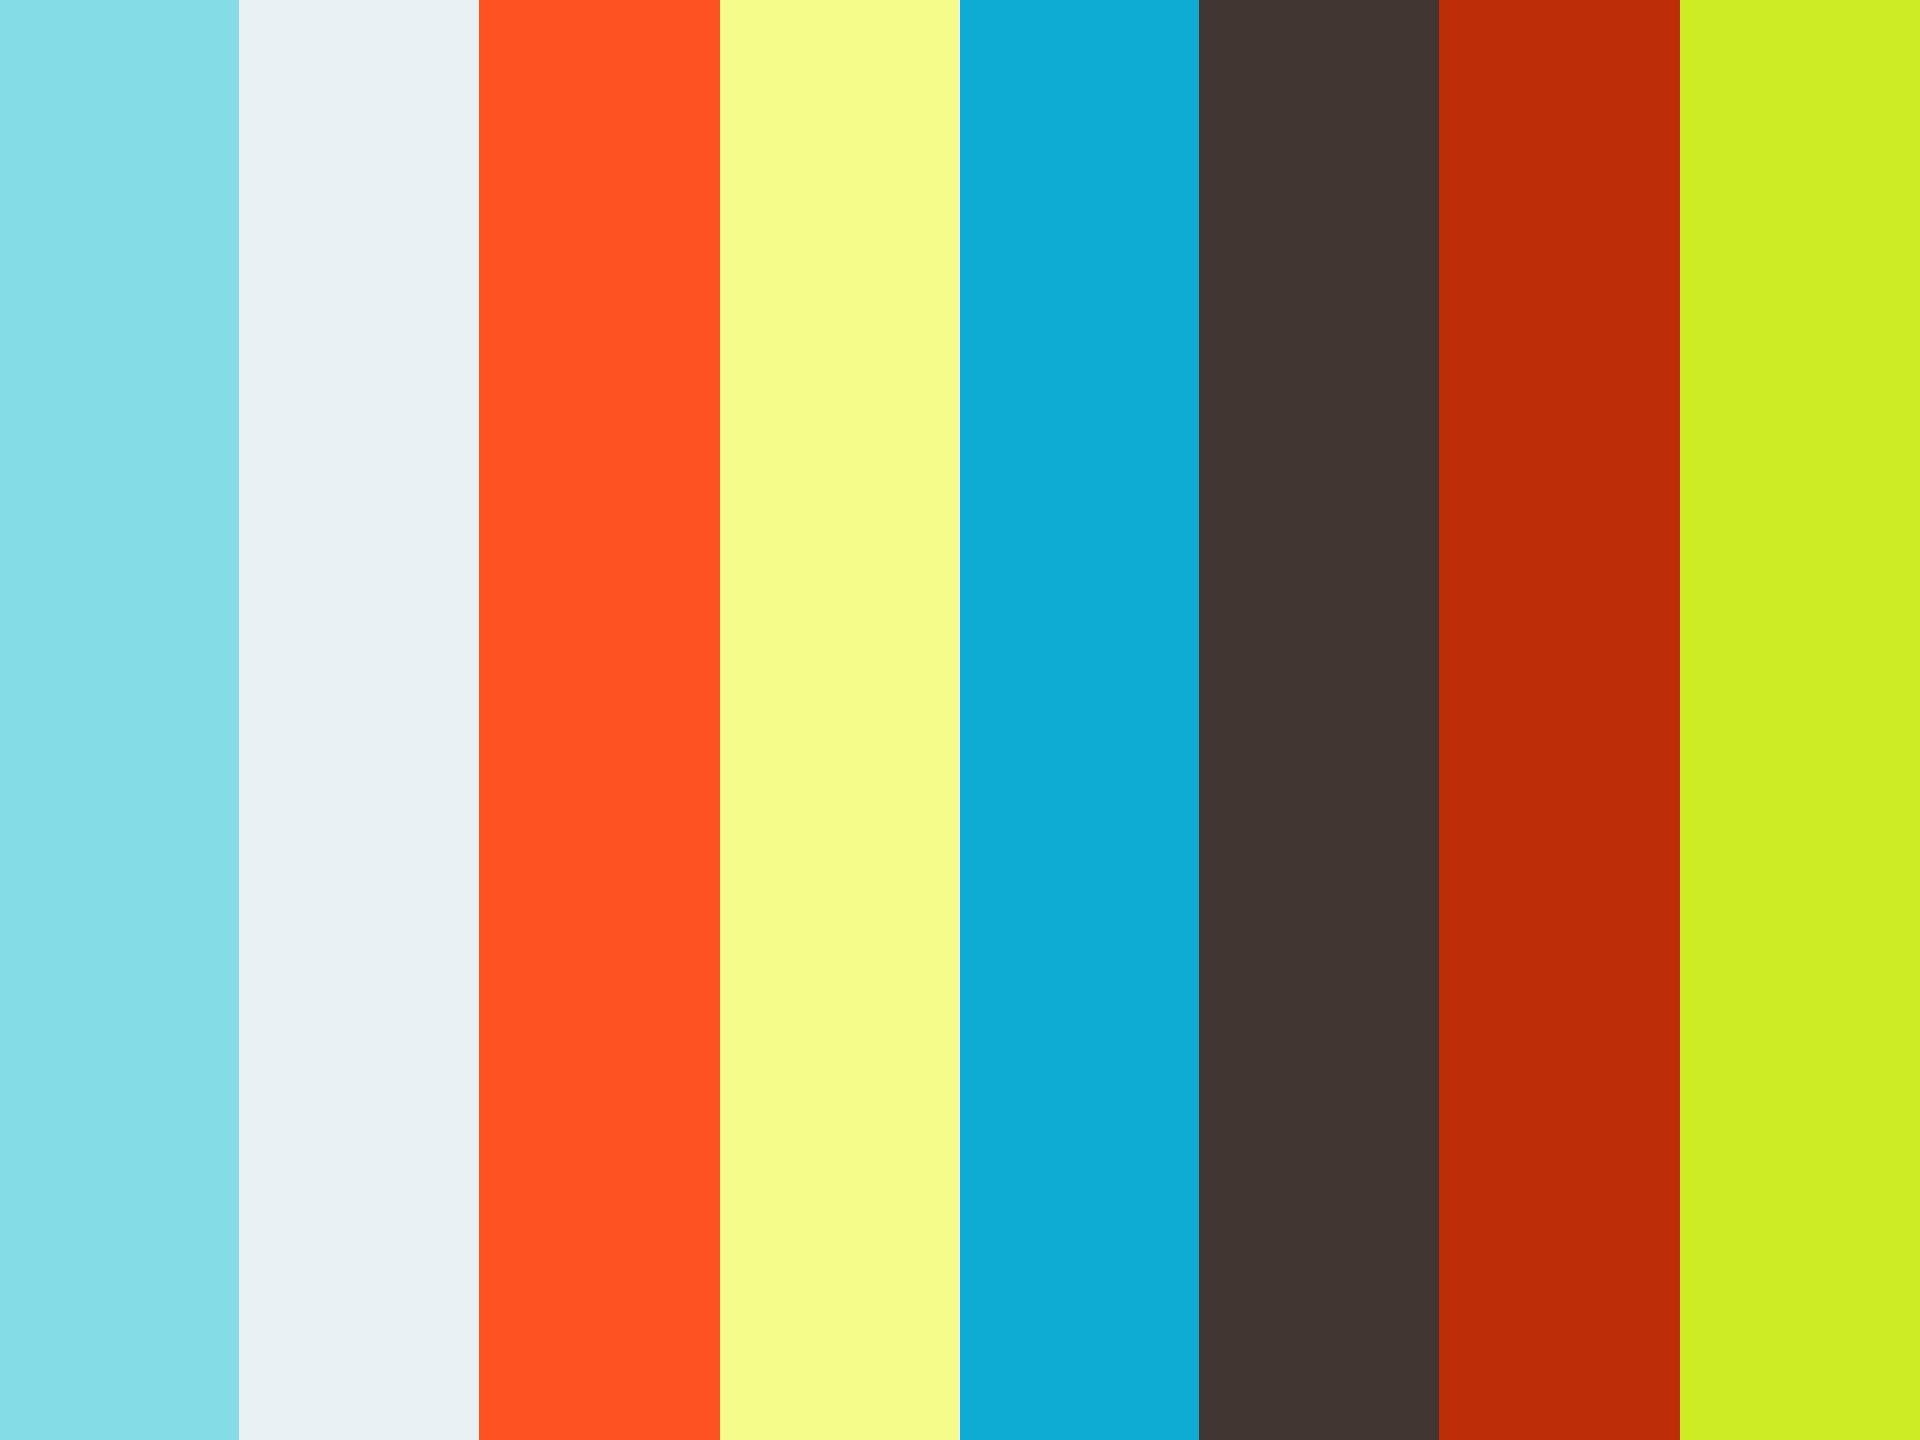 27460 chagrin blvd orange